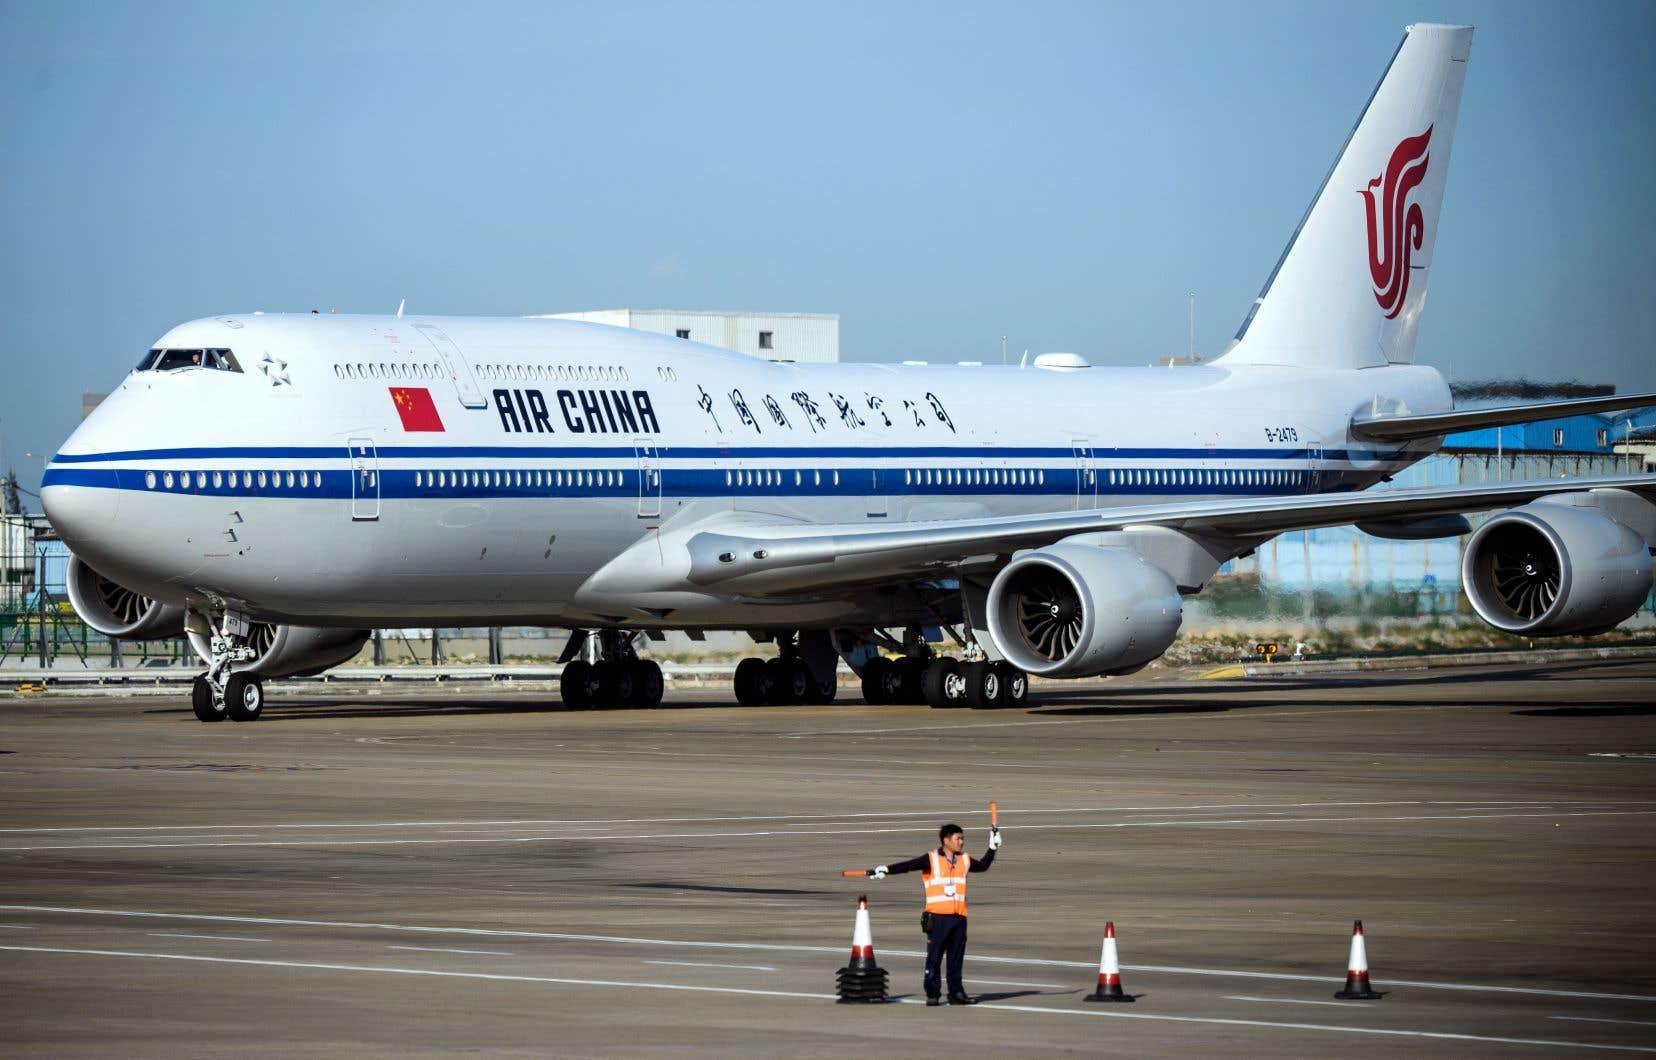 Le secteur du transport aérien est fortement touché par l'épidémie de coronavirus.